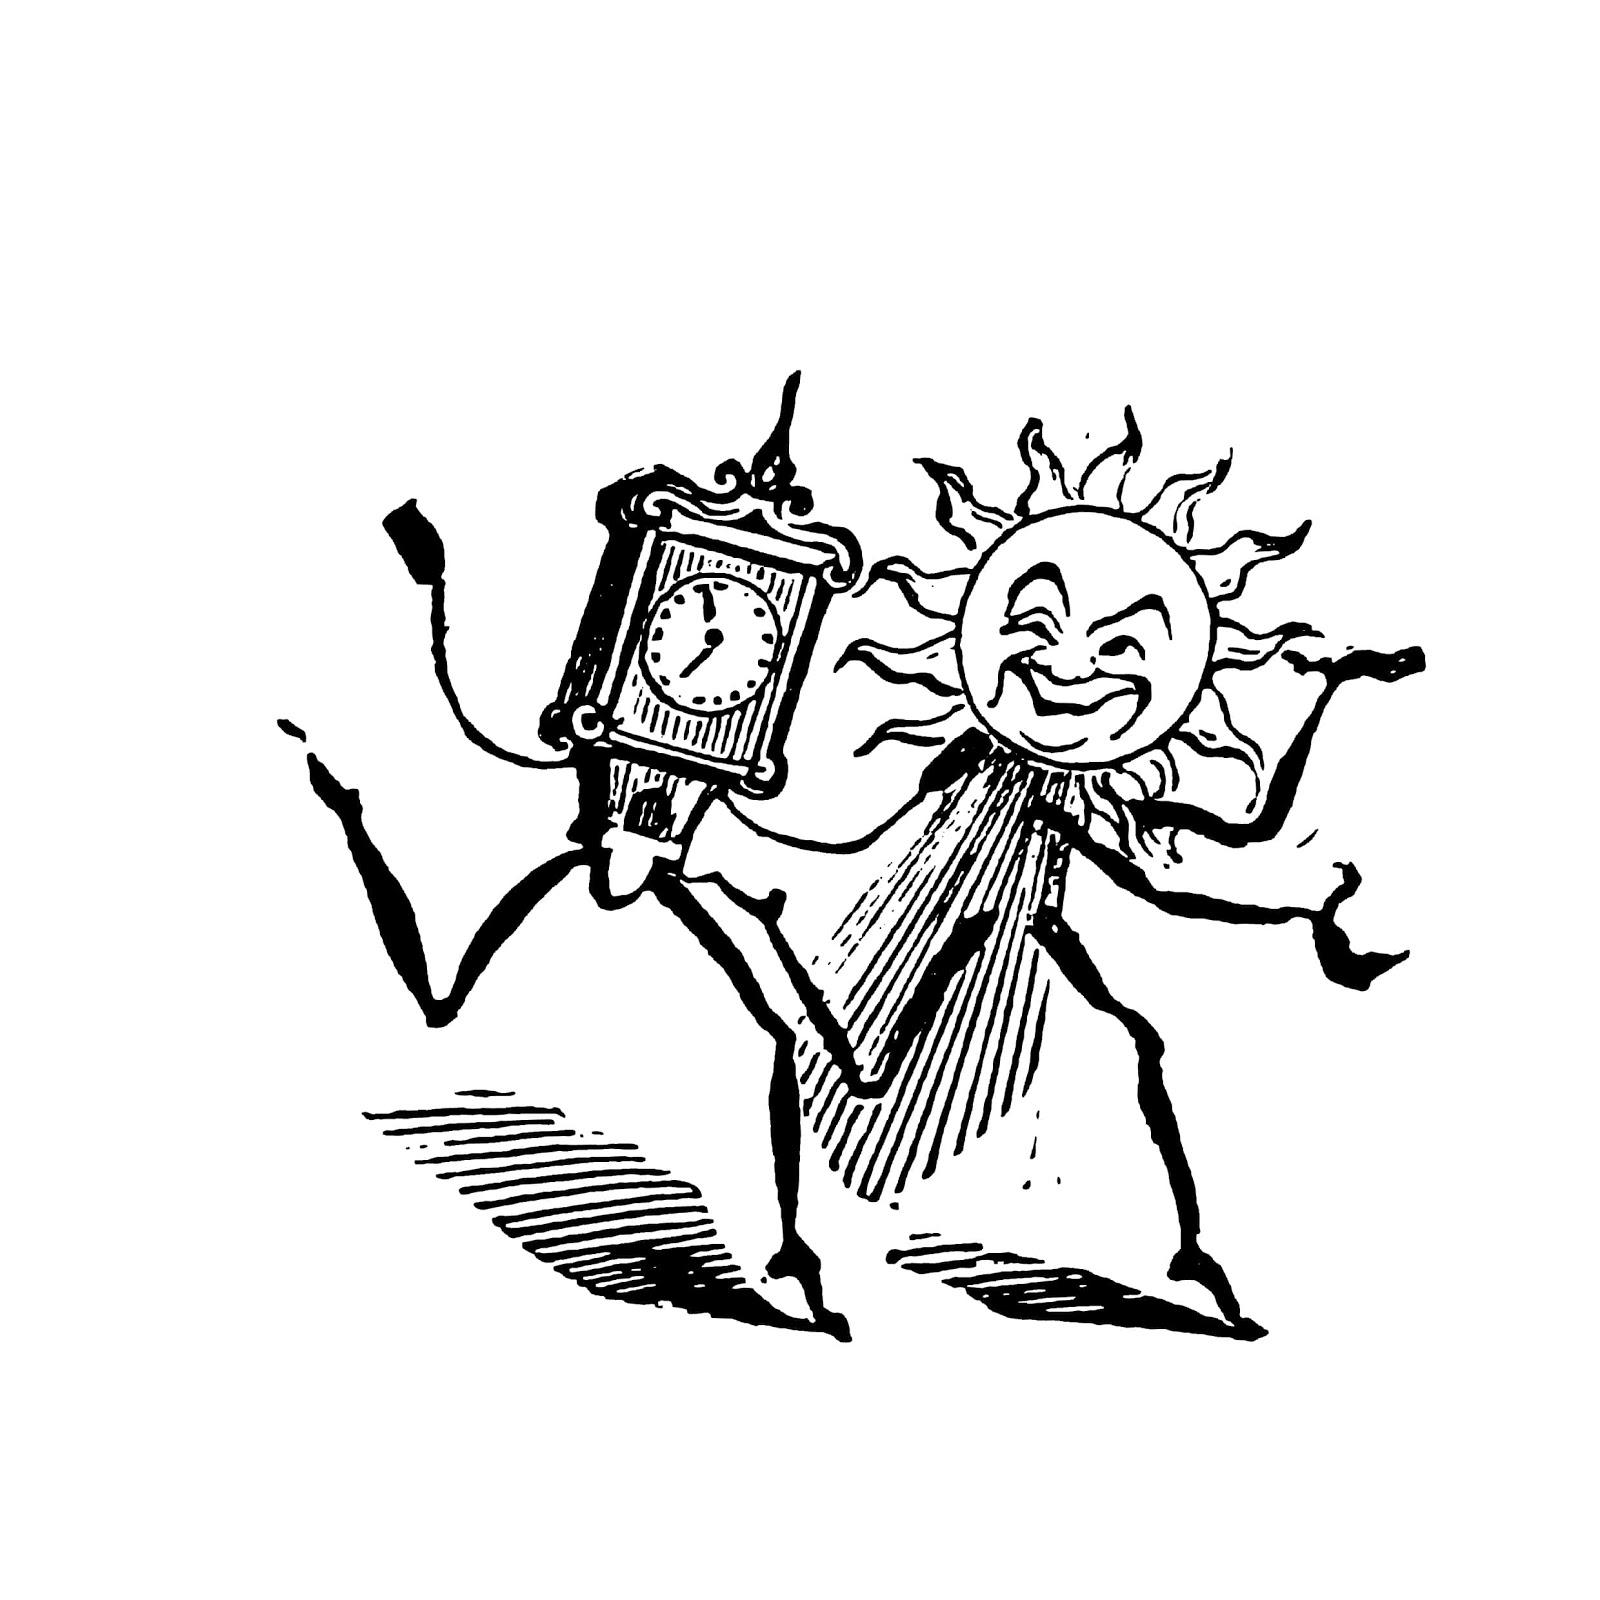 おしゃれでかわいい「太陽と時間の悪業カリカチュア」pop広告